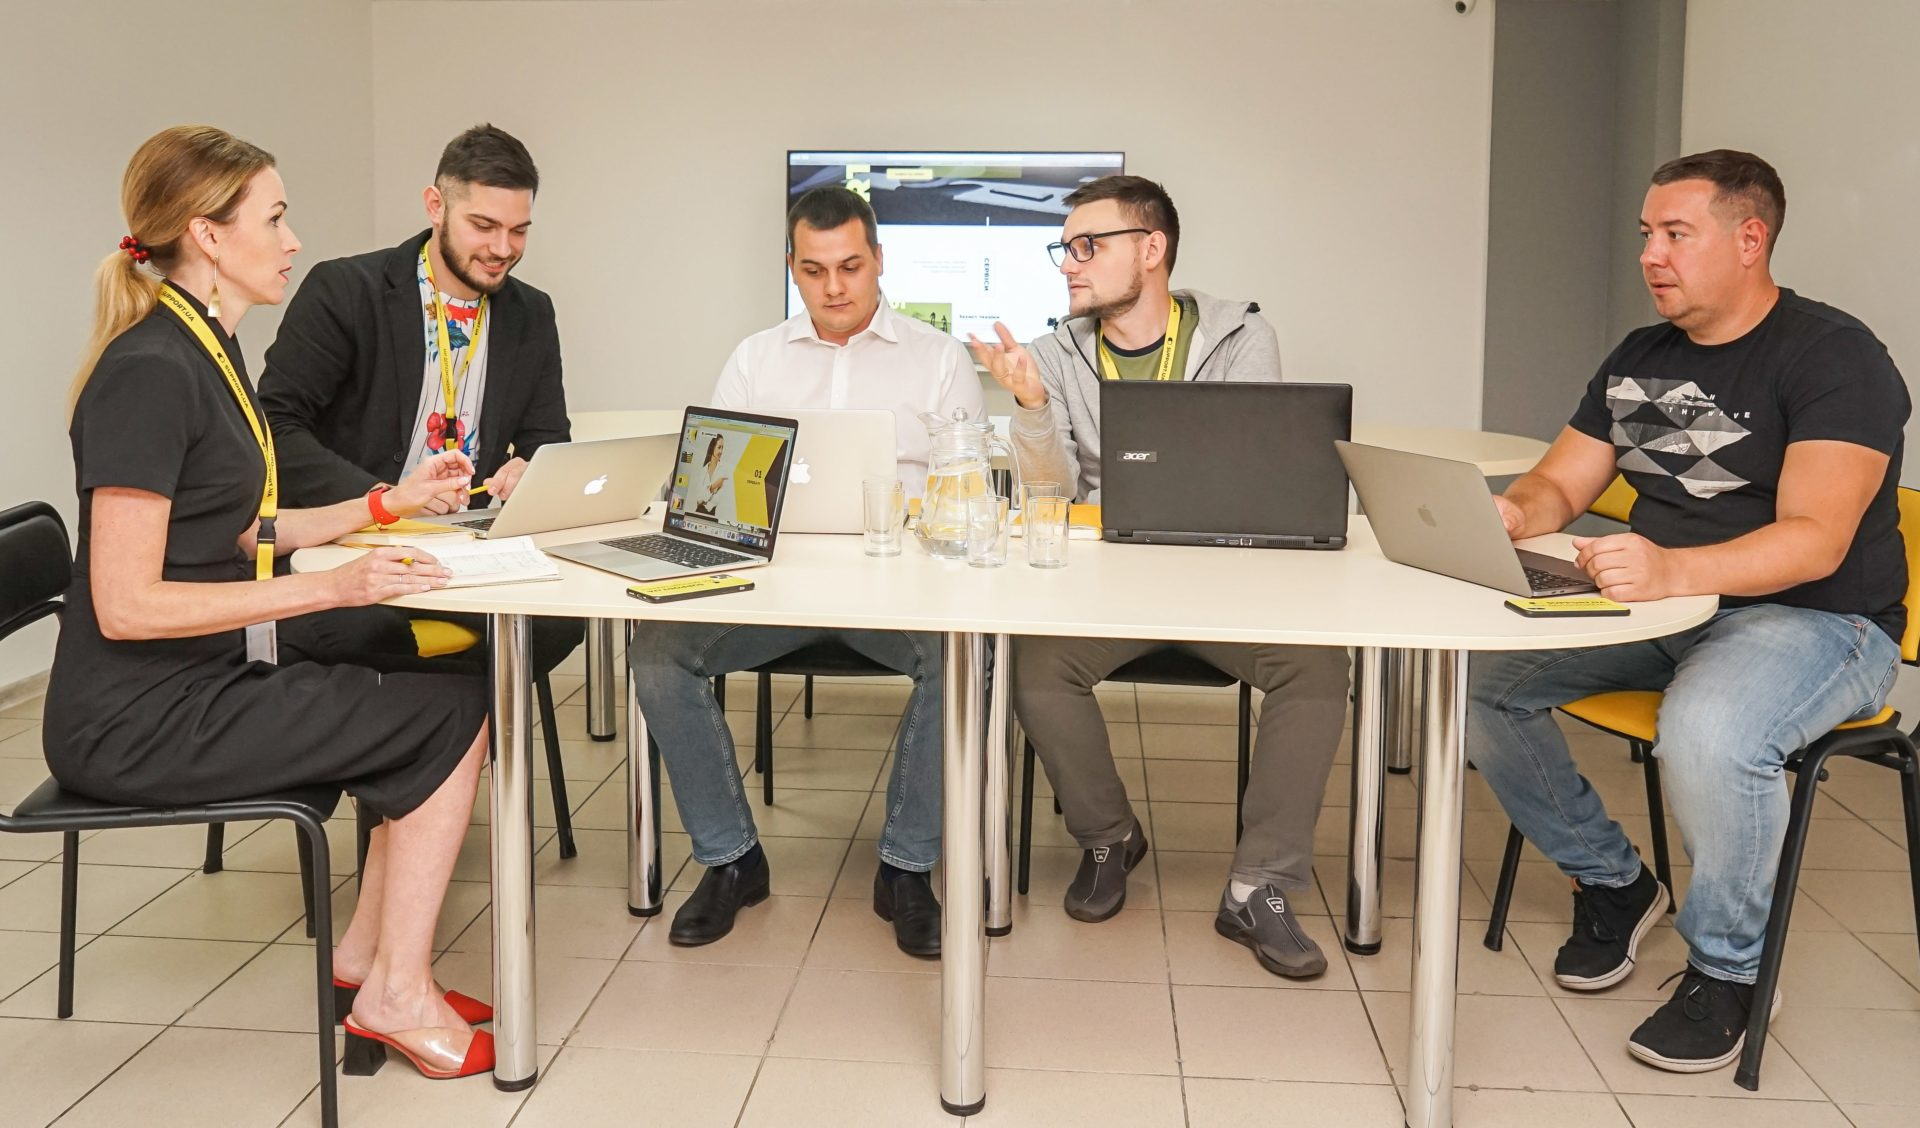 Продажі гарантійних сервісів в Rozetka виросли на 35% за два роки. Як це працює?